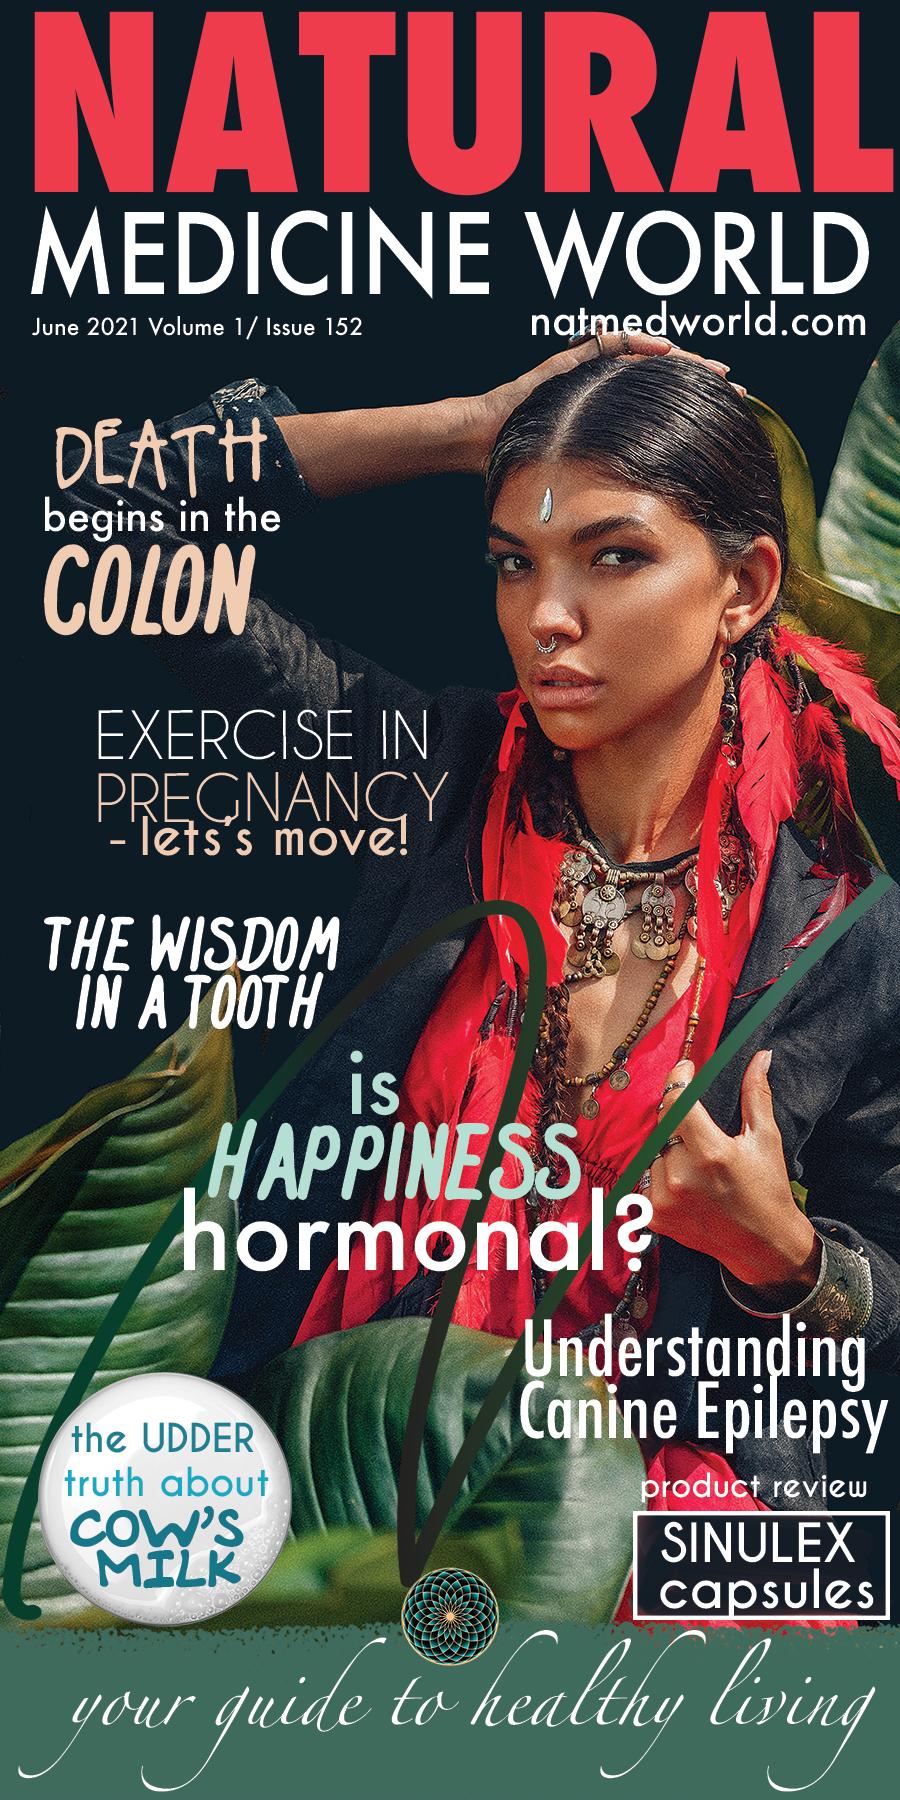 natmedmag Cover June issue 152